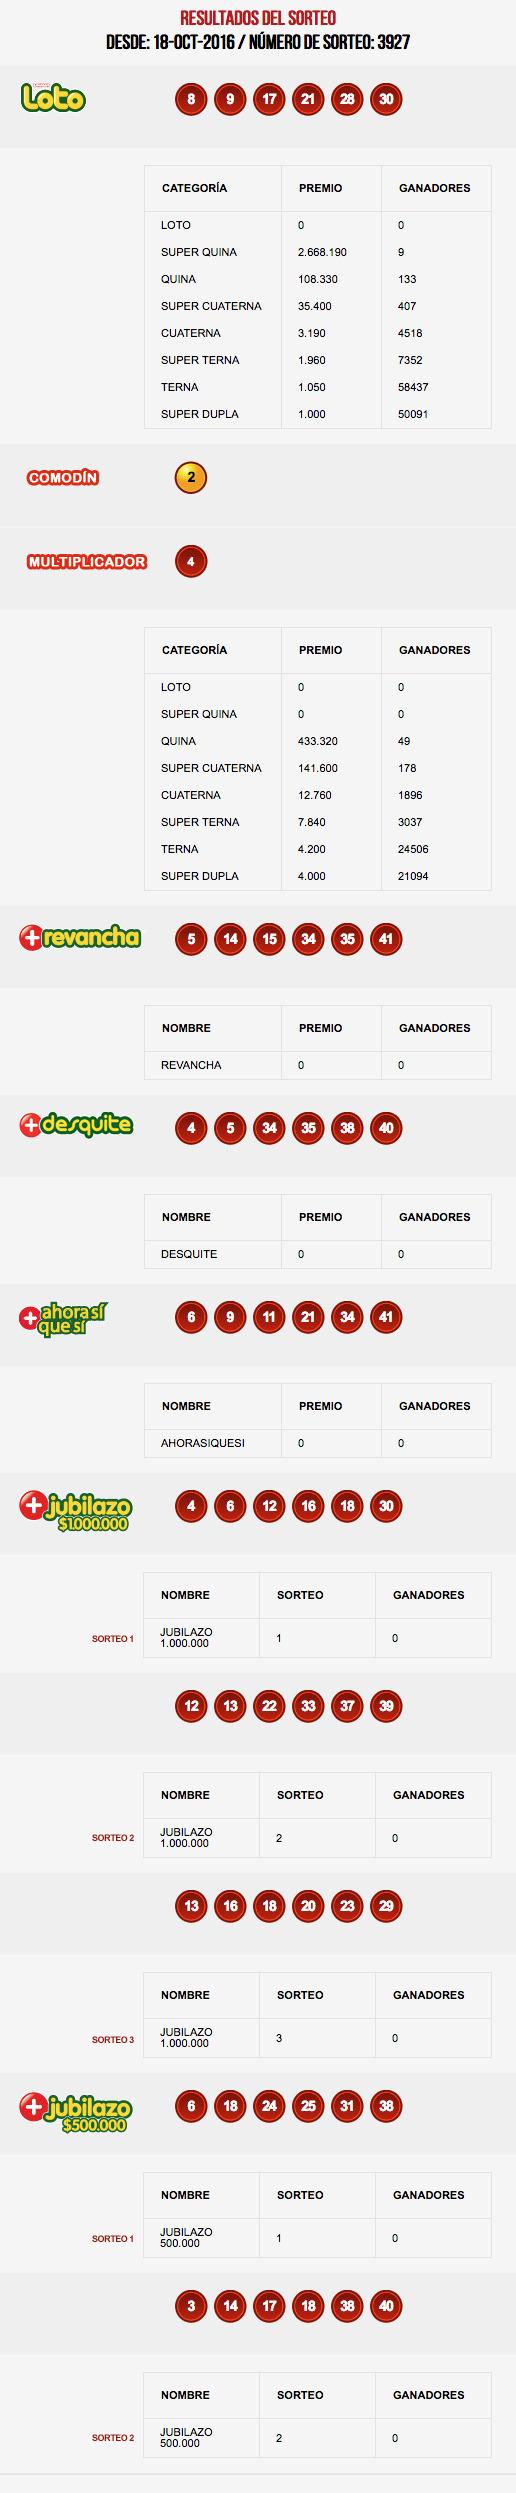 resultados-loto-sorteo3927